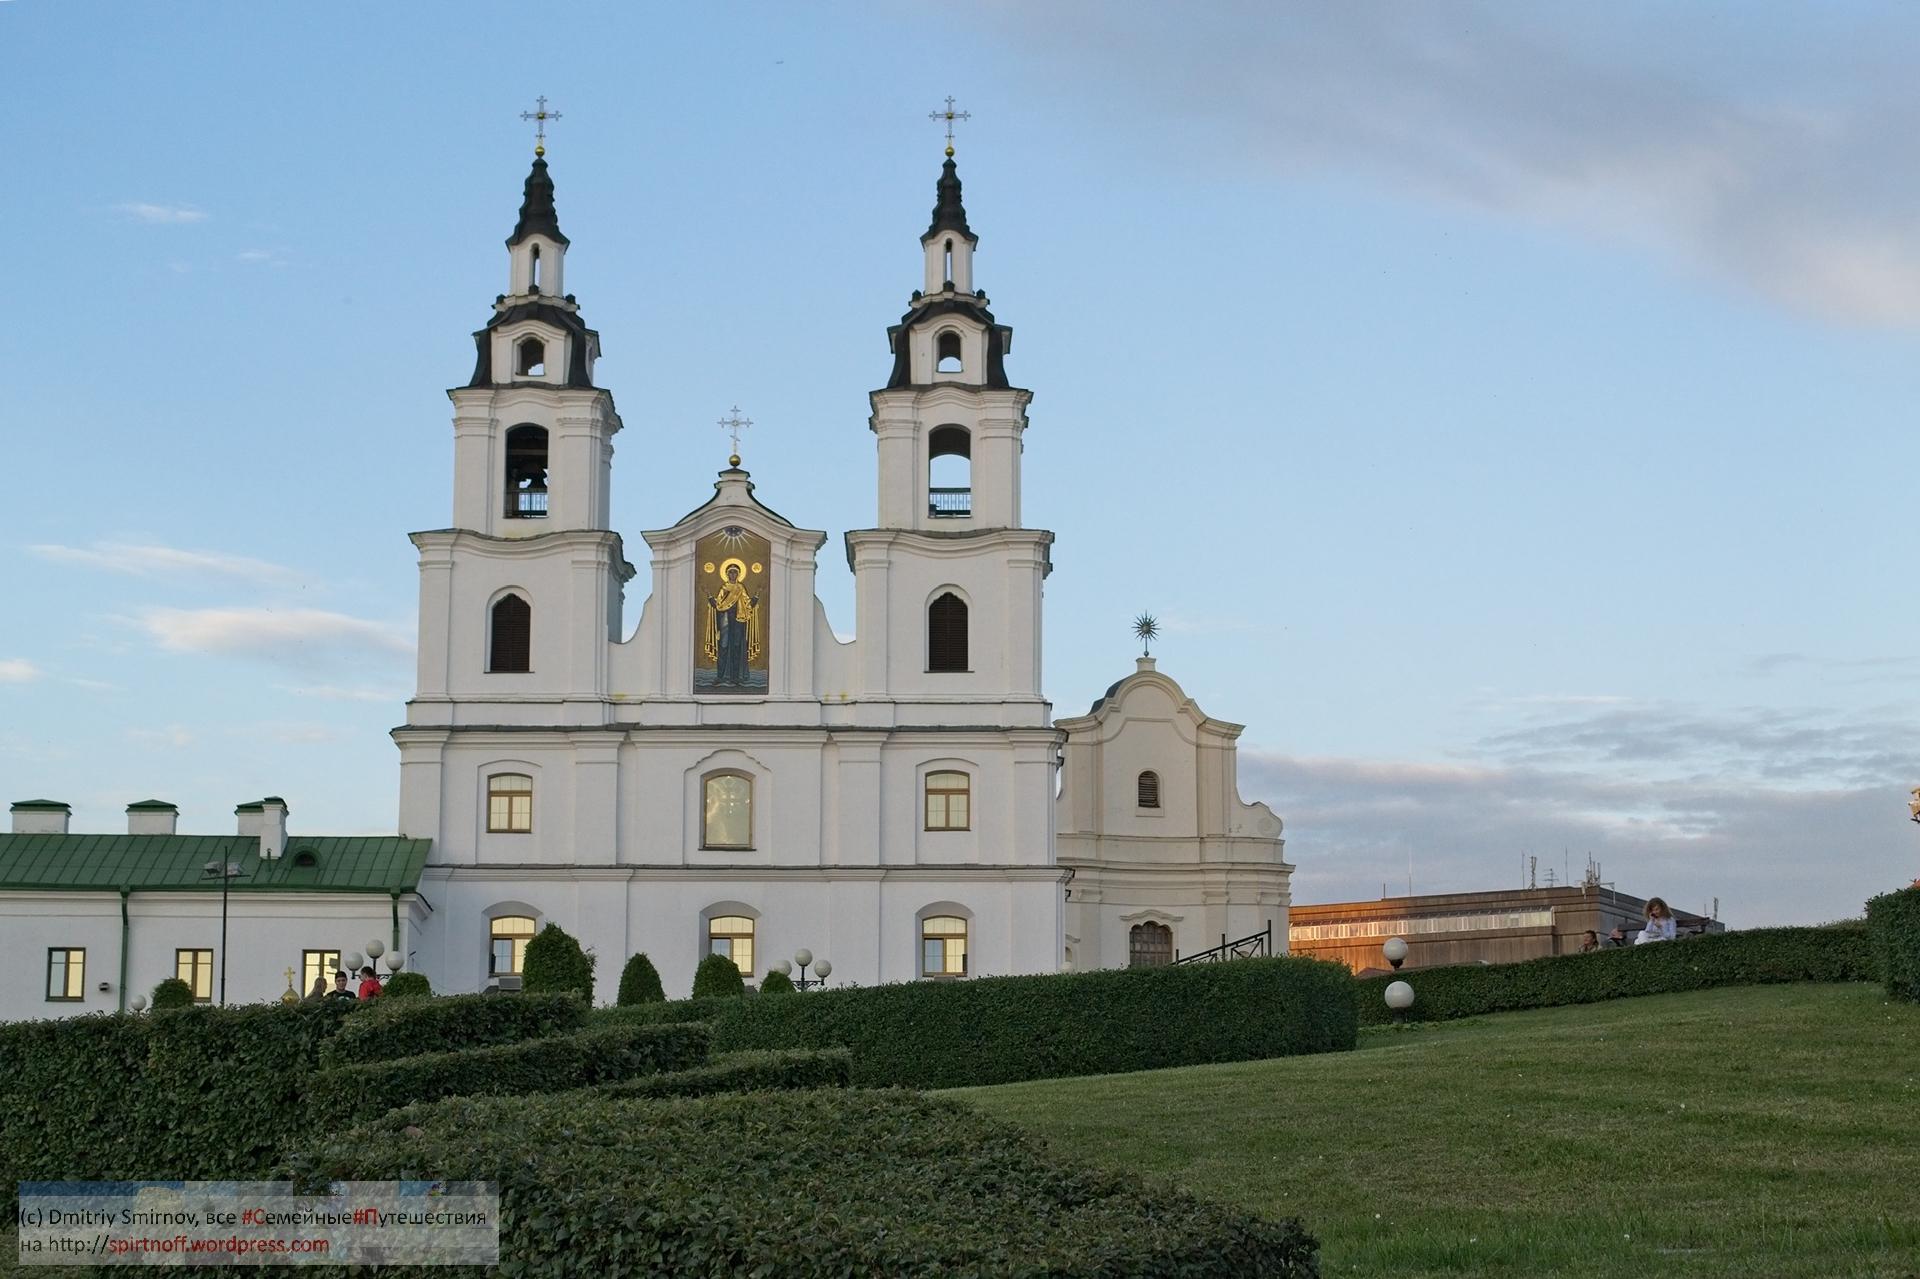 DSC_6918-Blog-9 Путешествия  Минск. Немига, Площадь Независимости